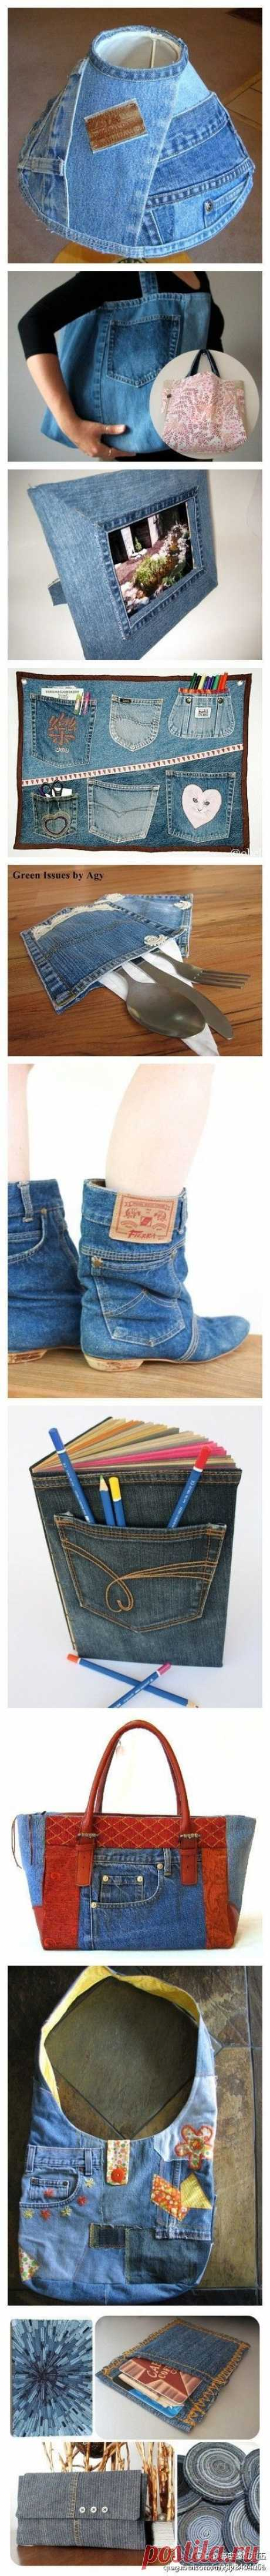 50 ідей повторного використання старих джинсів в інтер'єрі | Ідеї декору